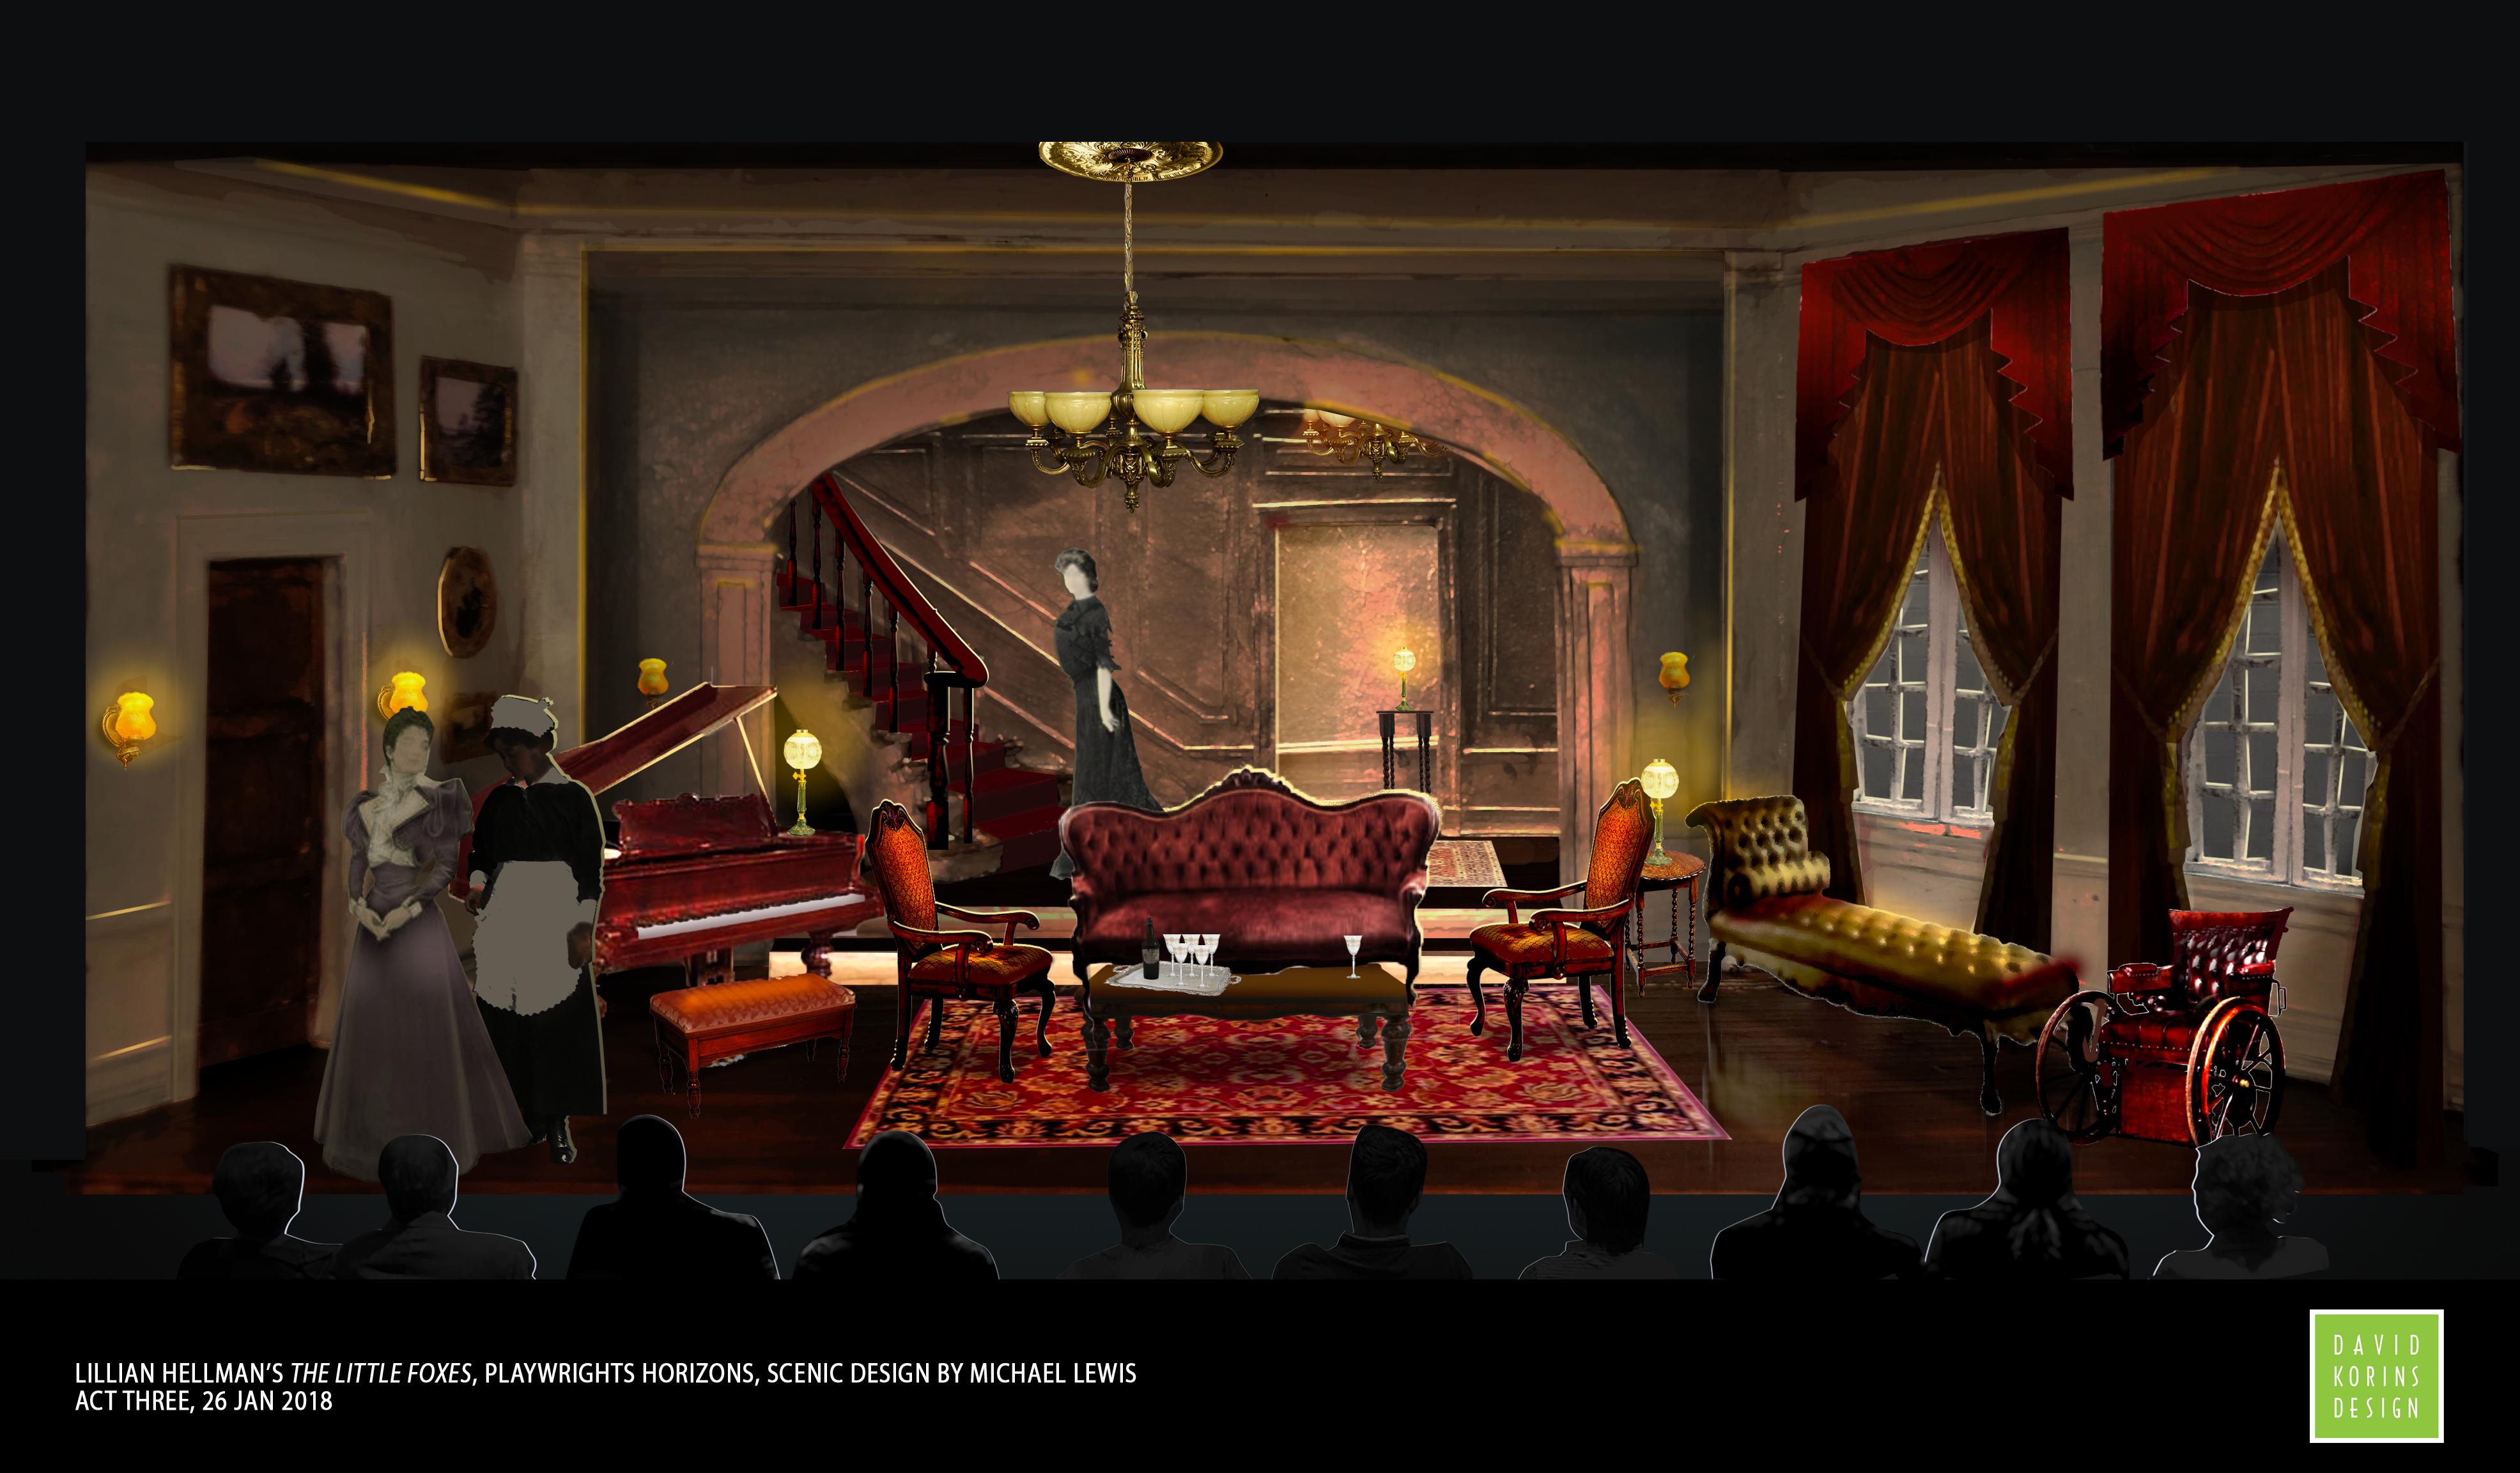 Act III rendering